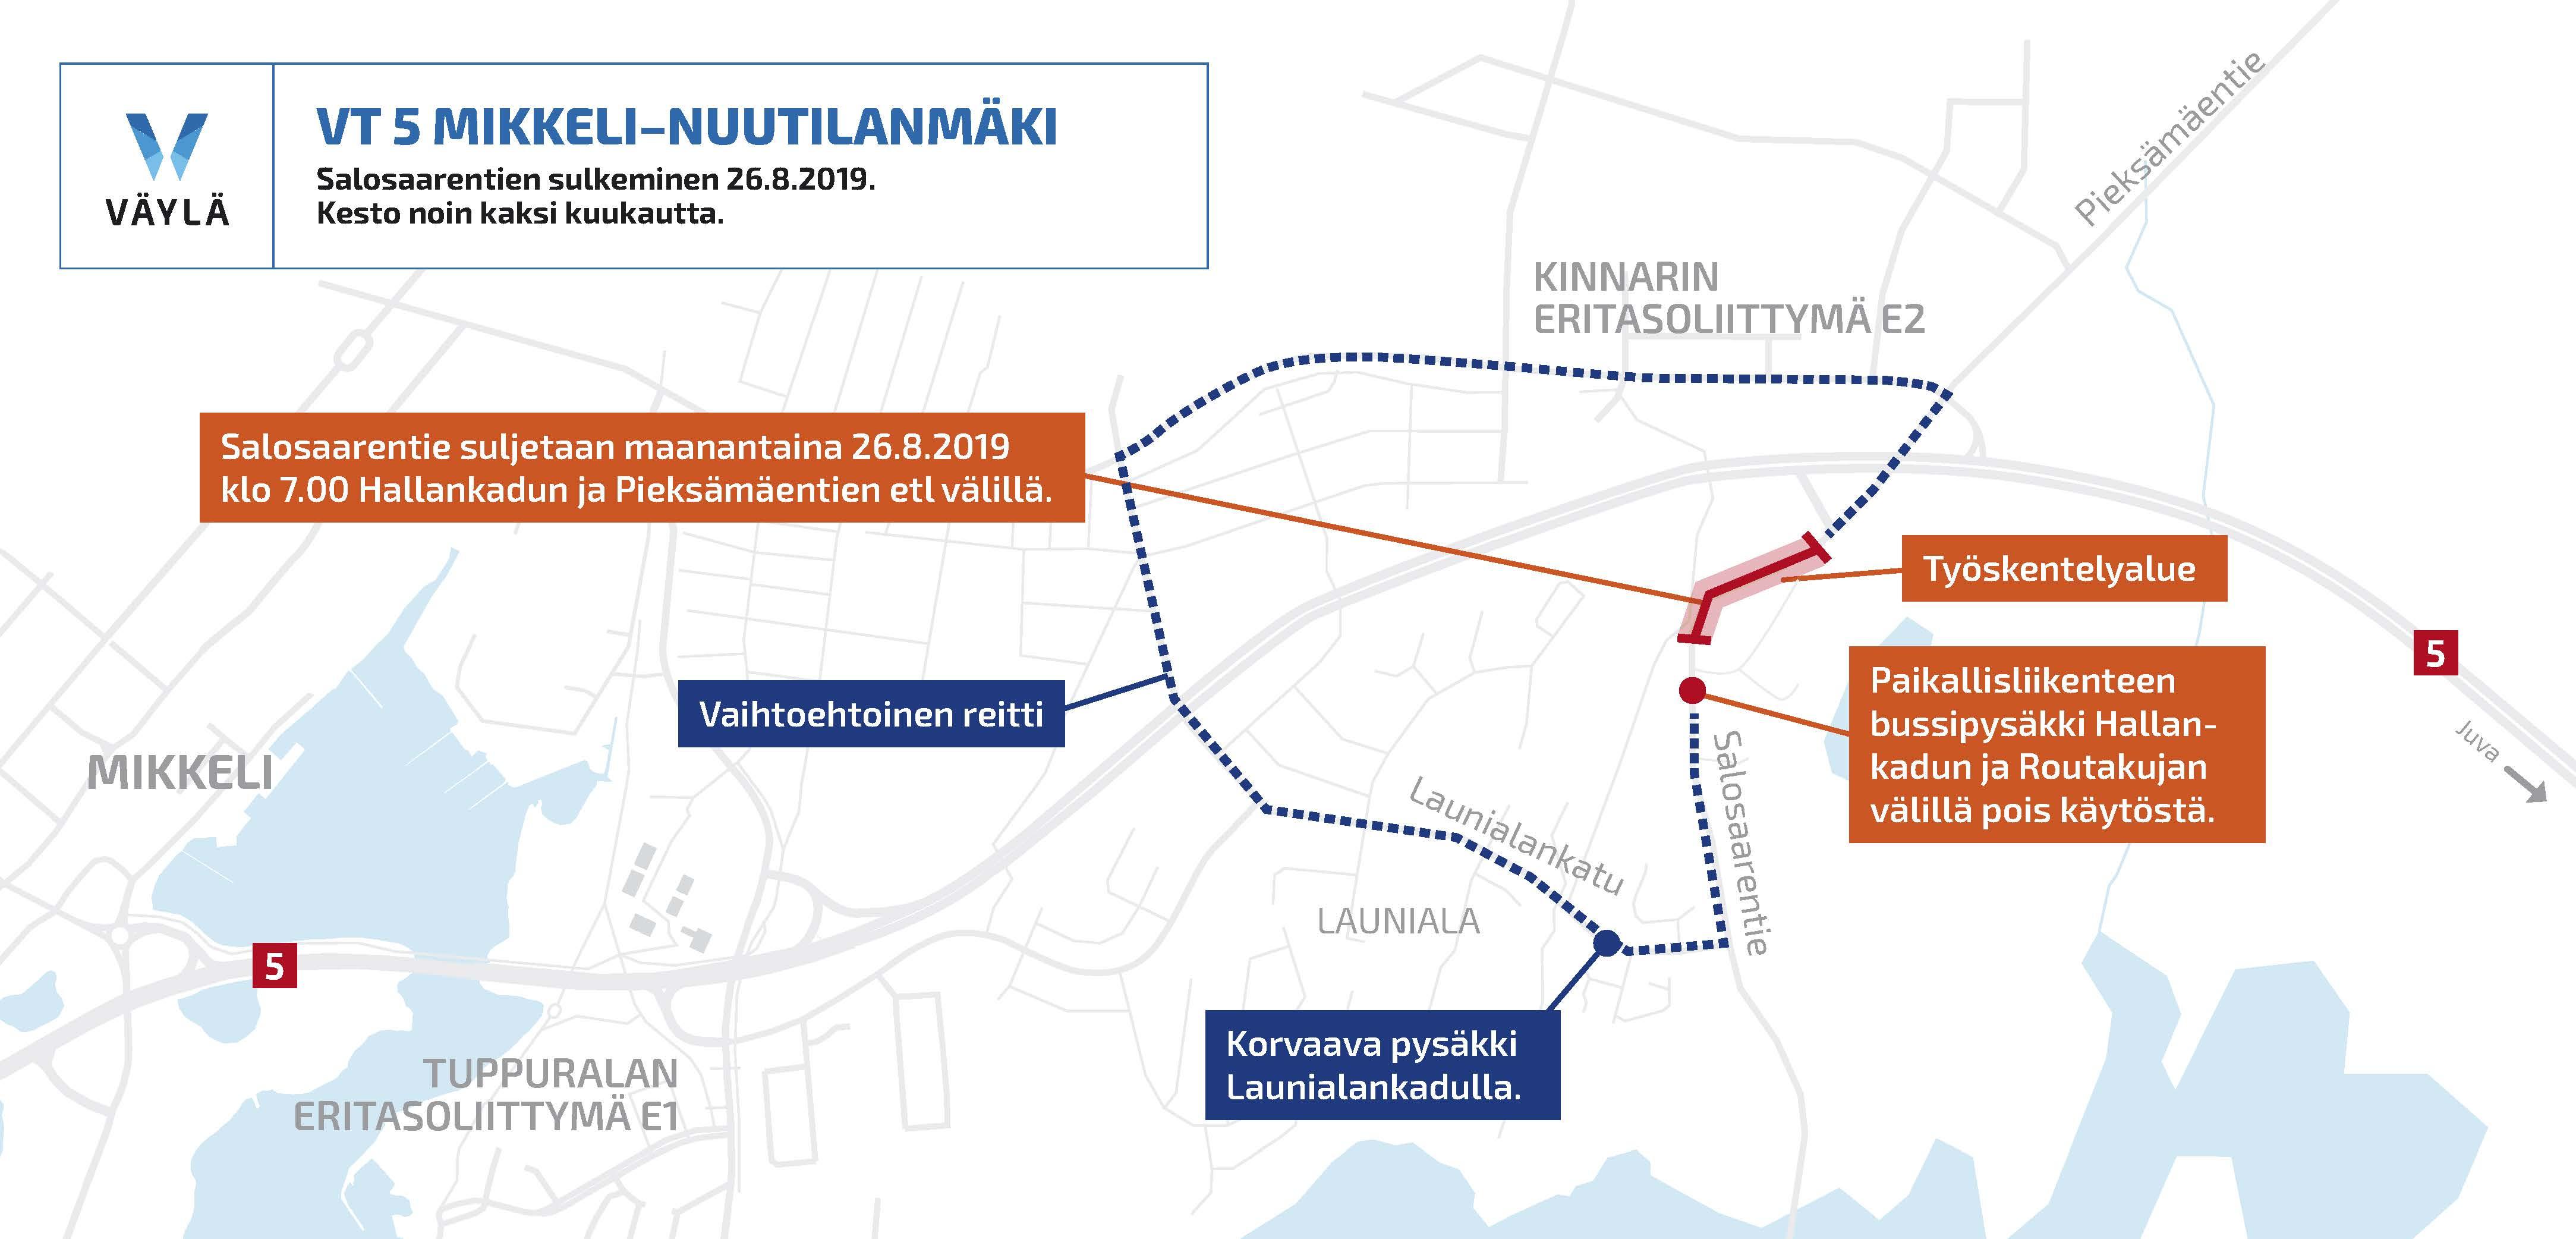 Mikkeli Liikenne